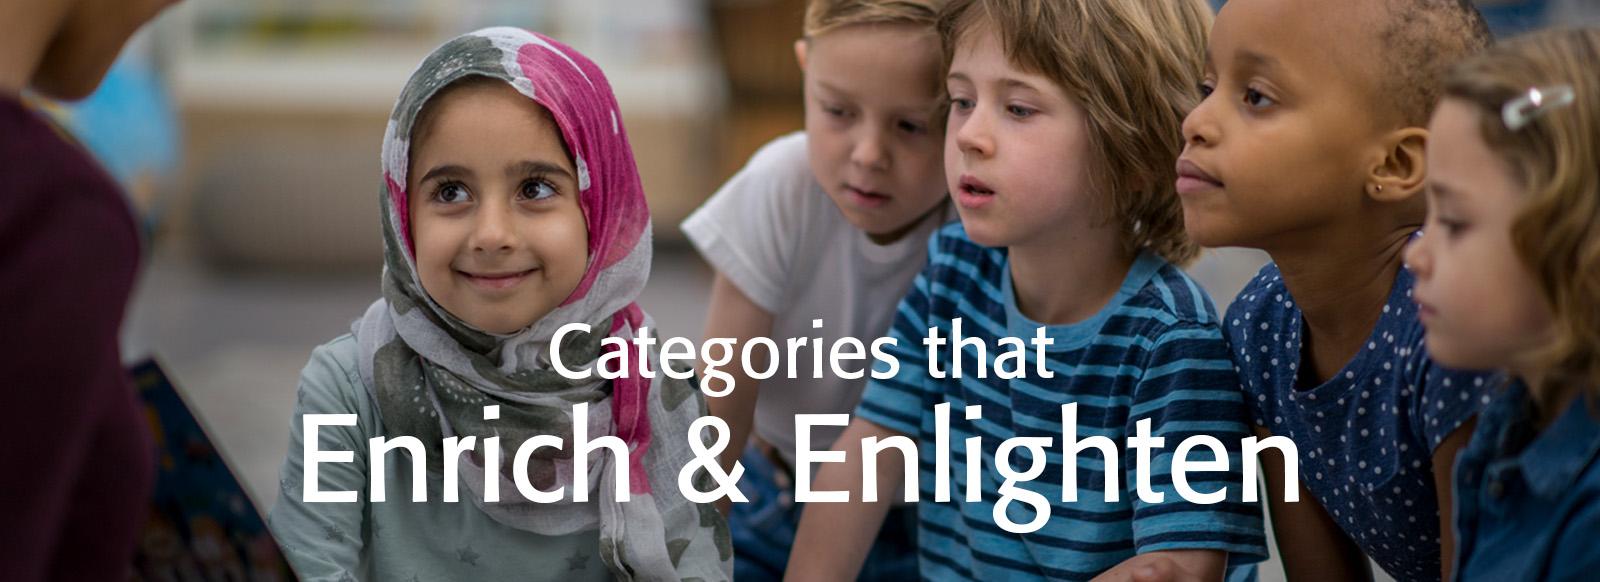 Categories that Enrich and Enlighten